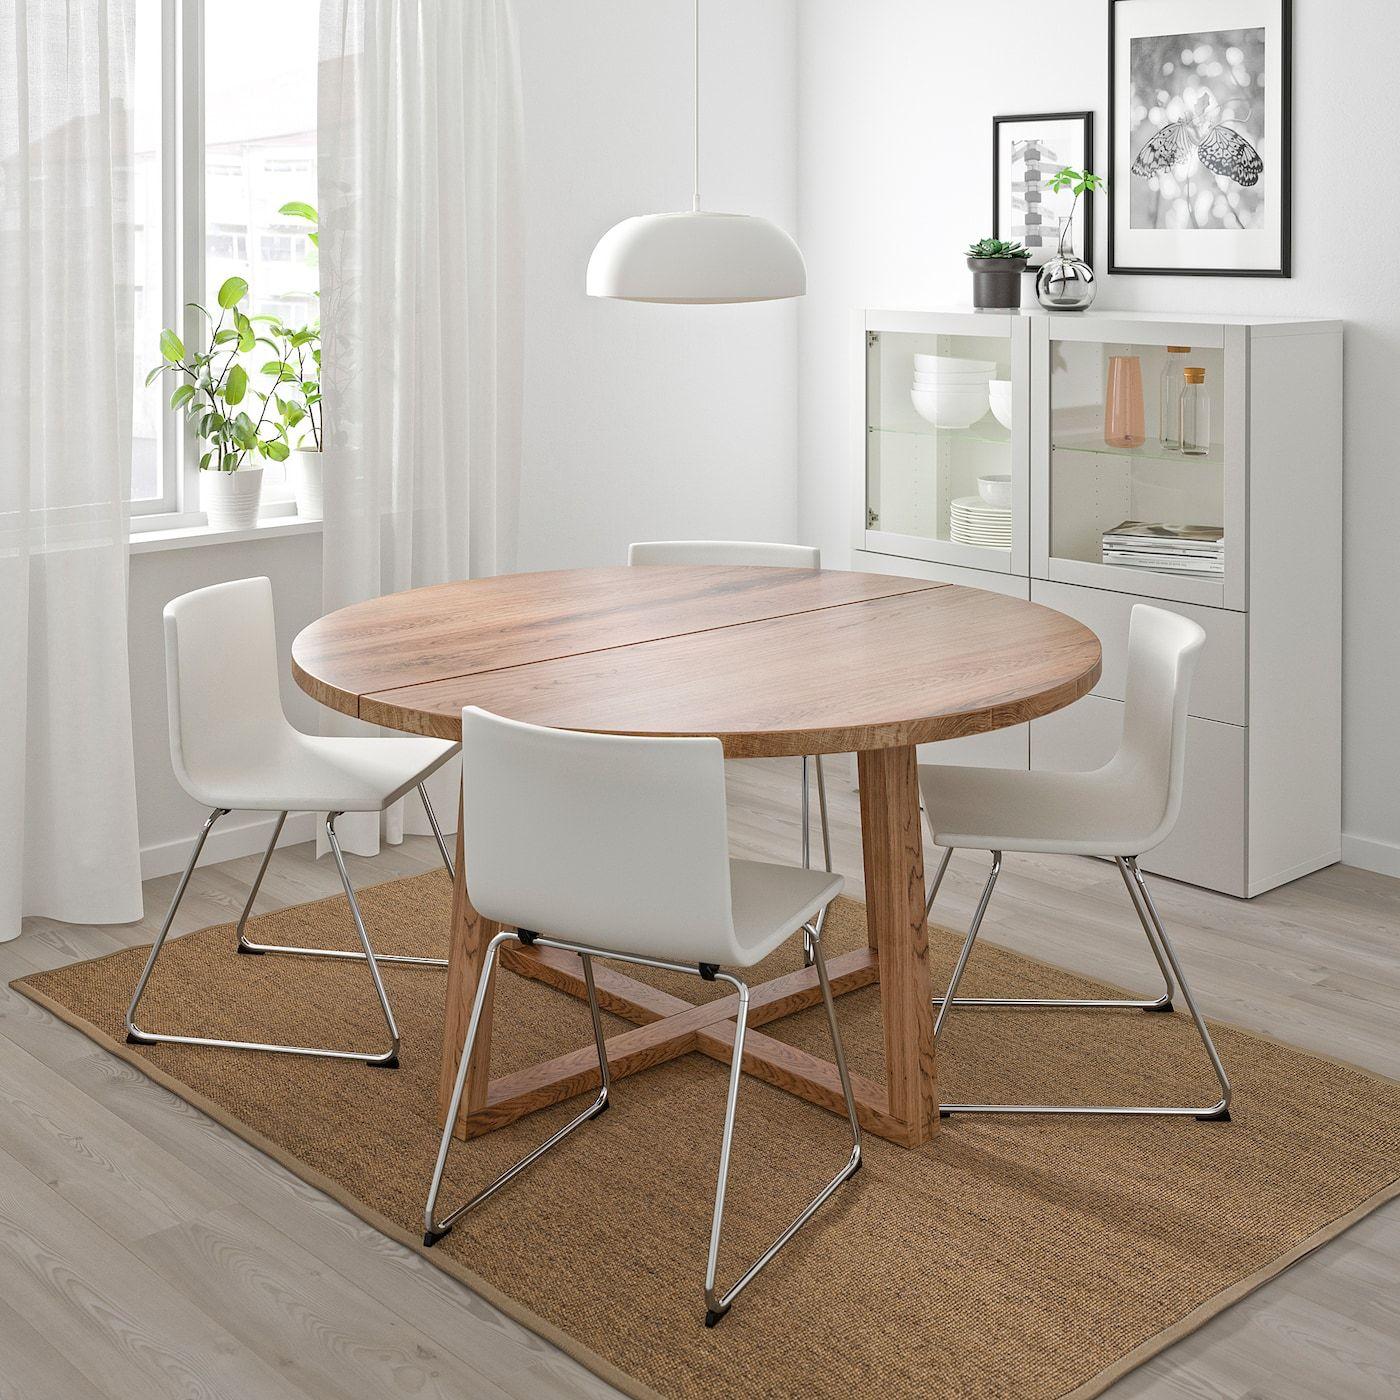 Morbylanga Tisch Eichenfurnier Braun Las Online Oder Im Einrichtungshaus Kaufen Ikea Osterreich In 2020 Ikea Esstisch Rundes Esszimmer Esstisch Eiche